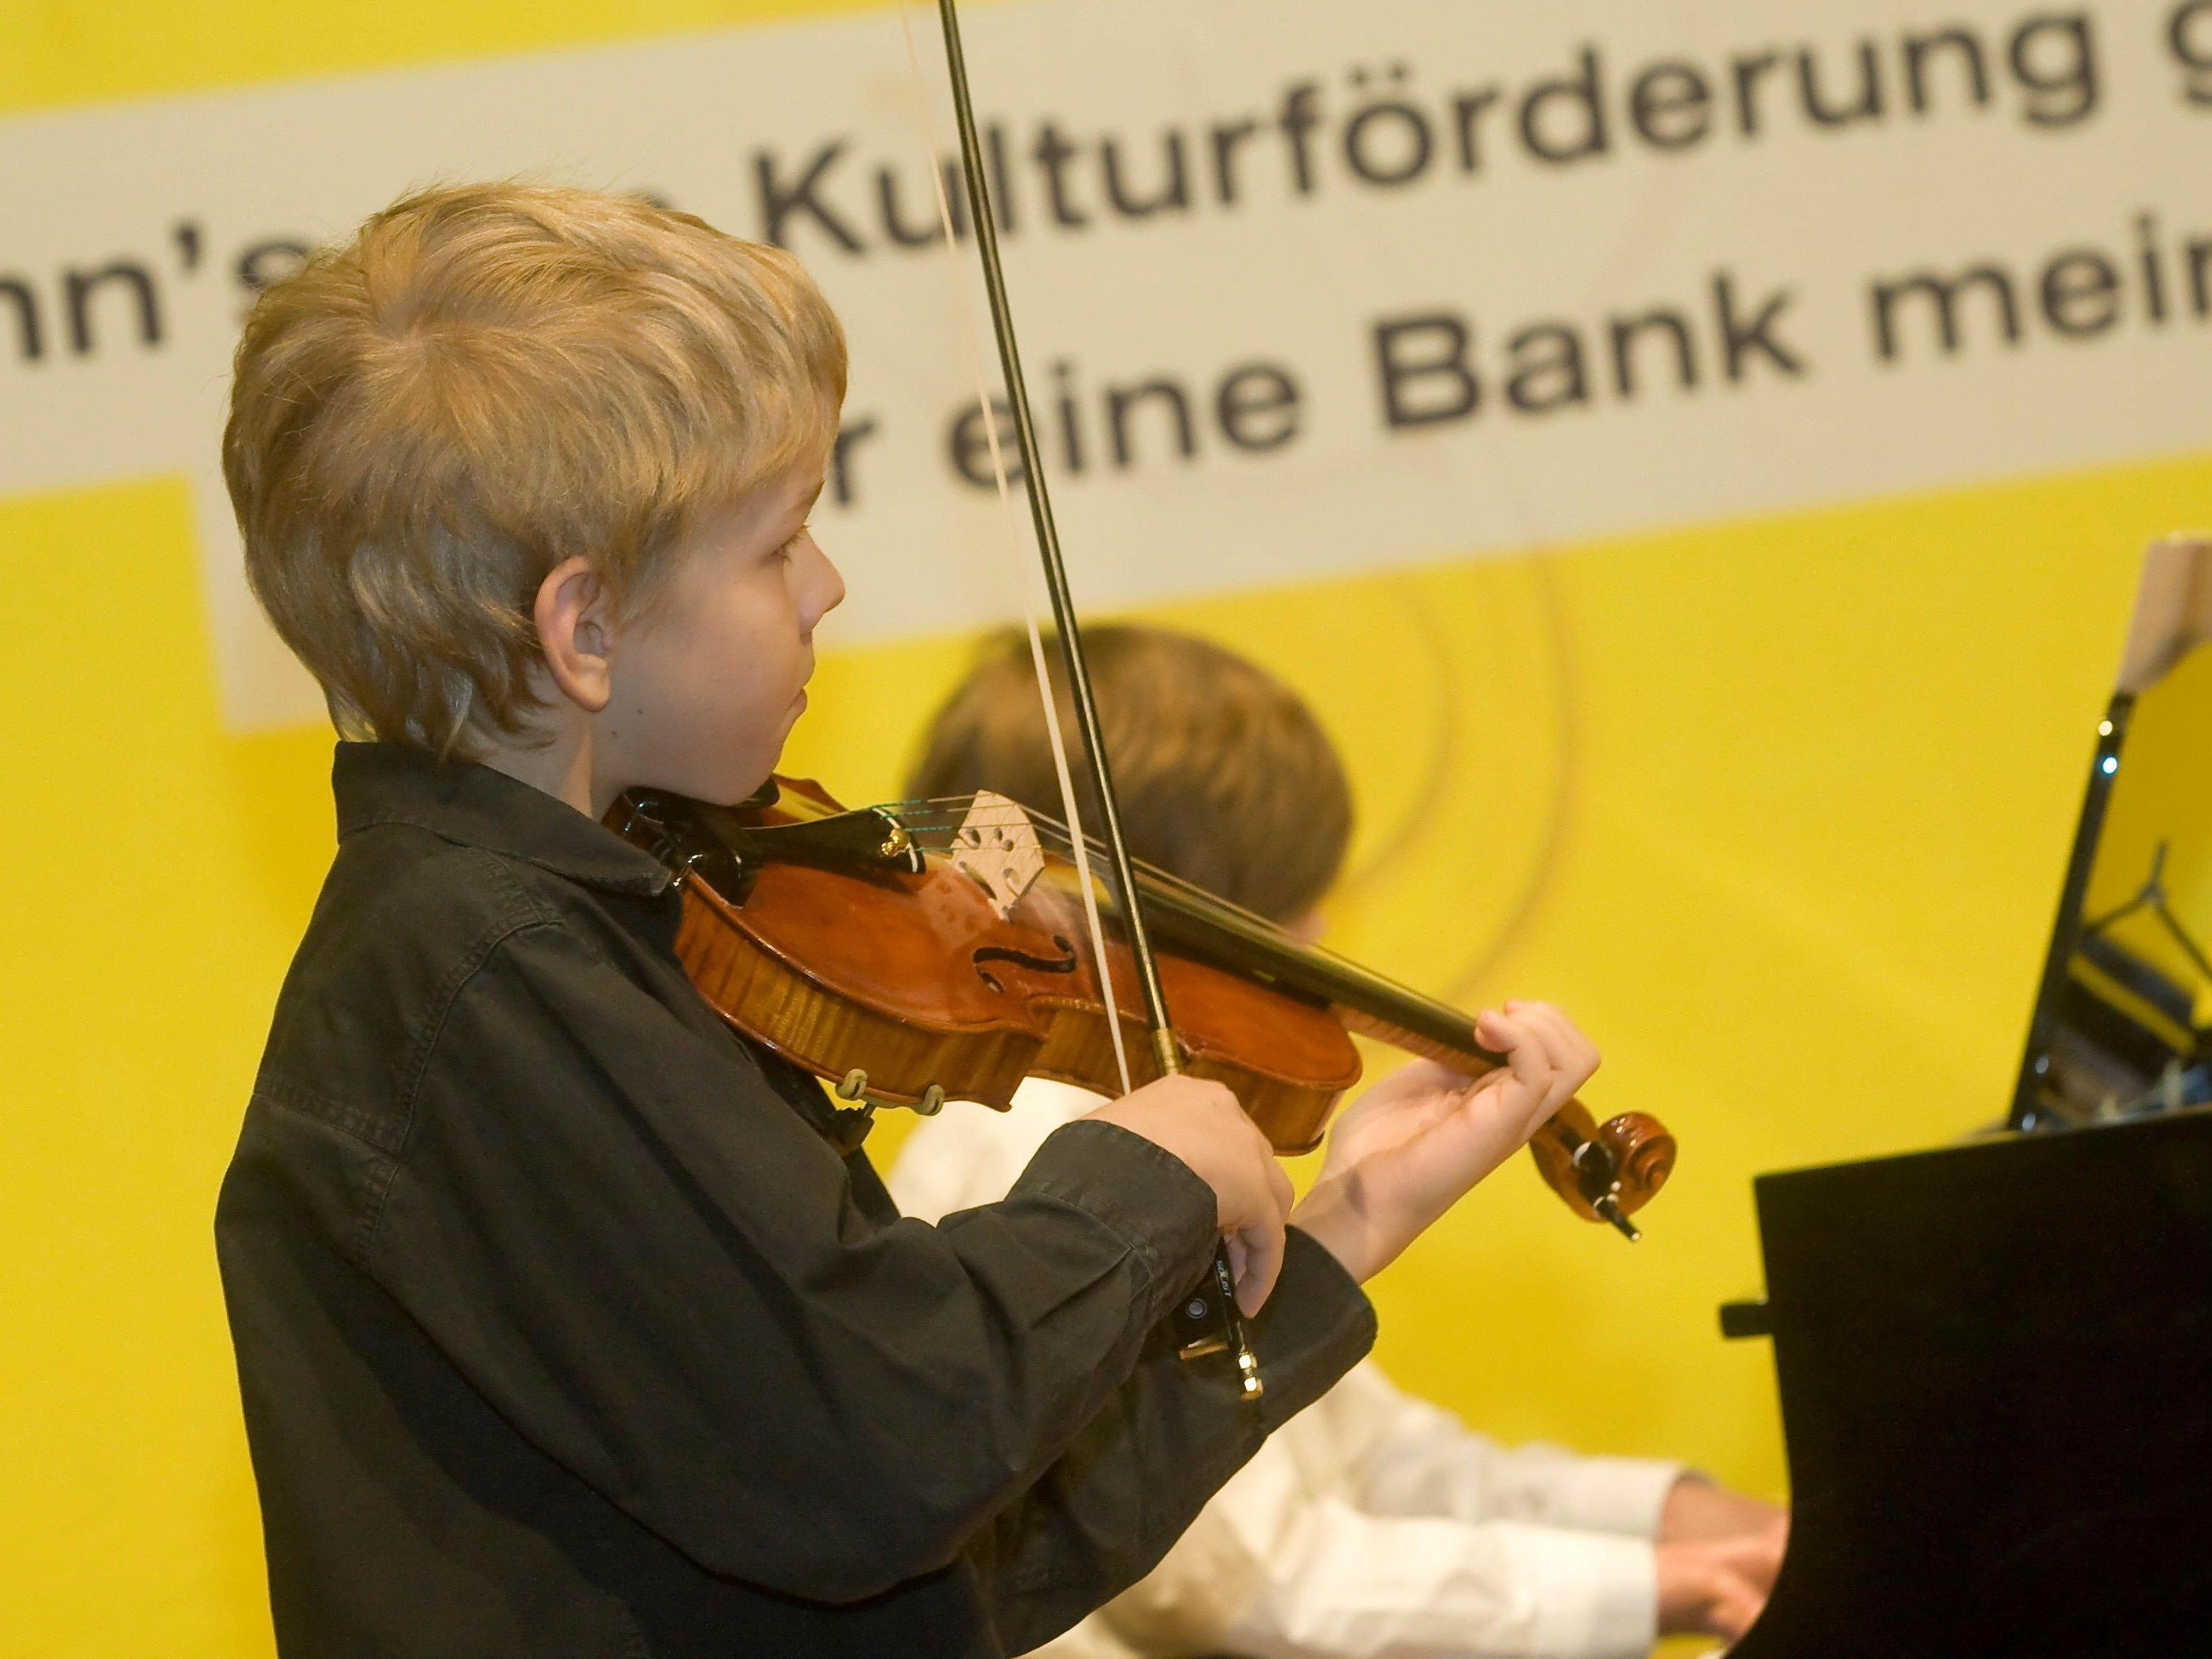 Nachwuchsmusiker stellen Können unter Beweis.